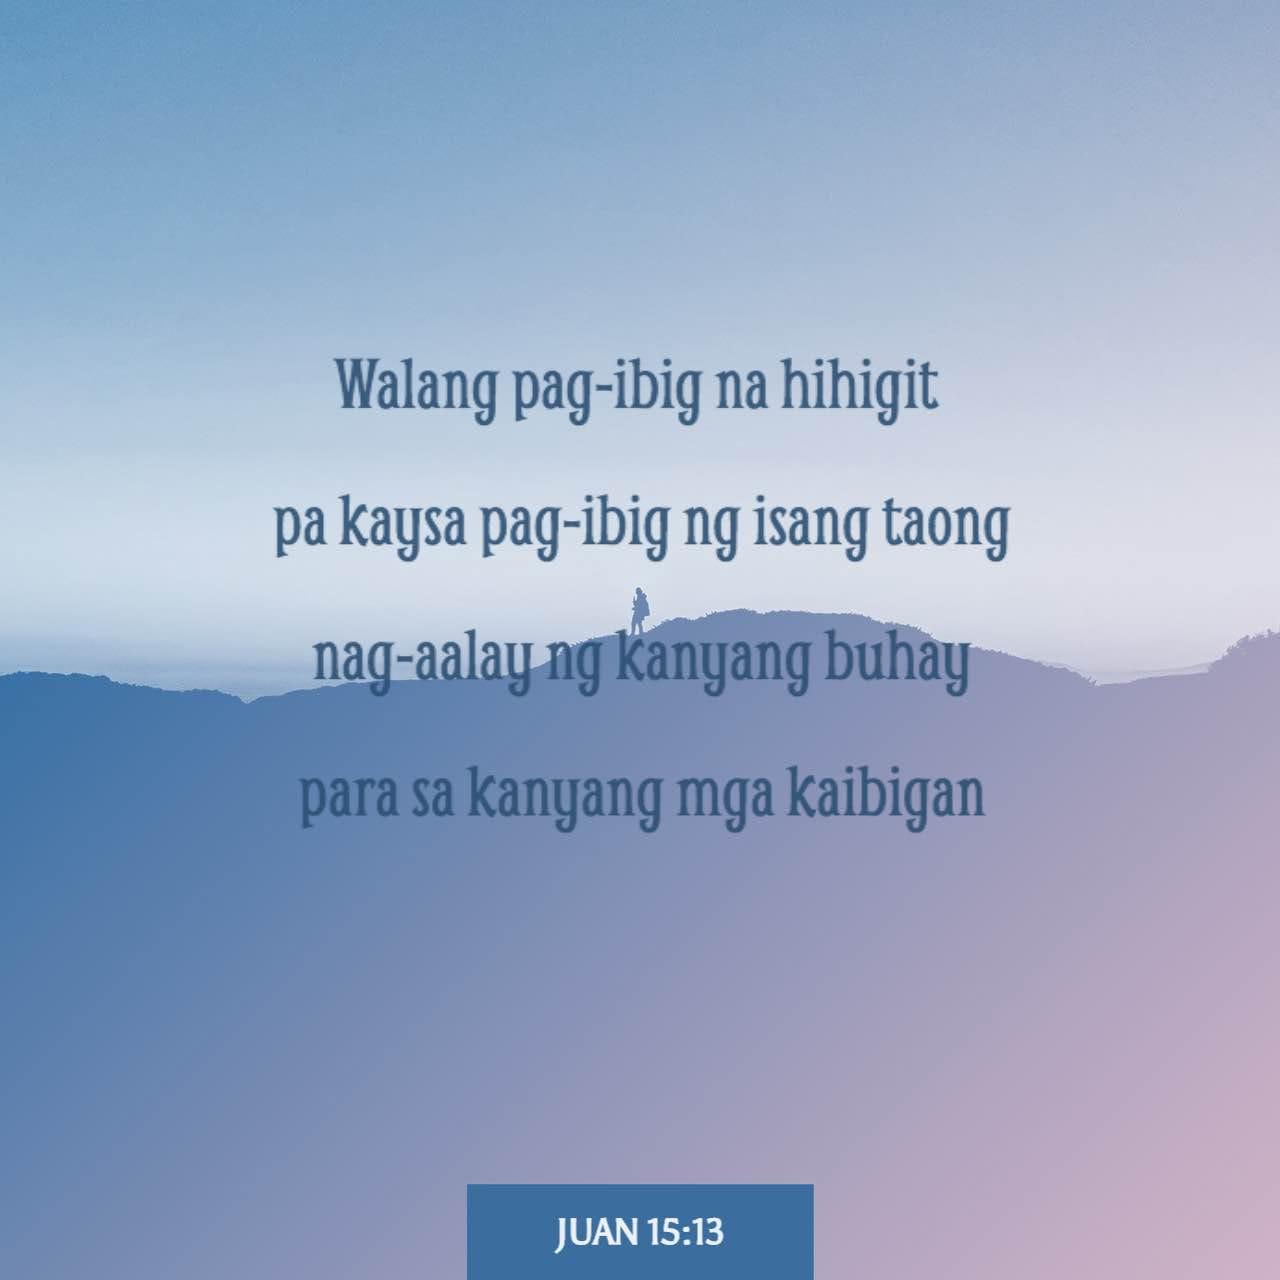 Quotes Sa Pekeng Kaibigan: Juan 15:13 Walang Pag-ibig Na Hihigit Pa Kaysa Pag-ibig Ng